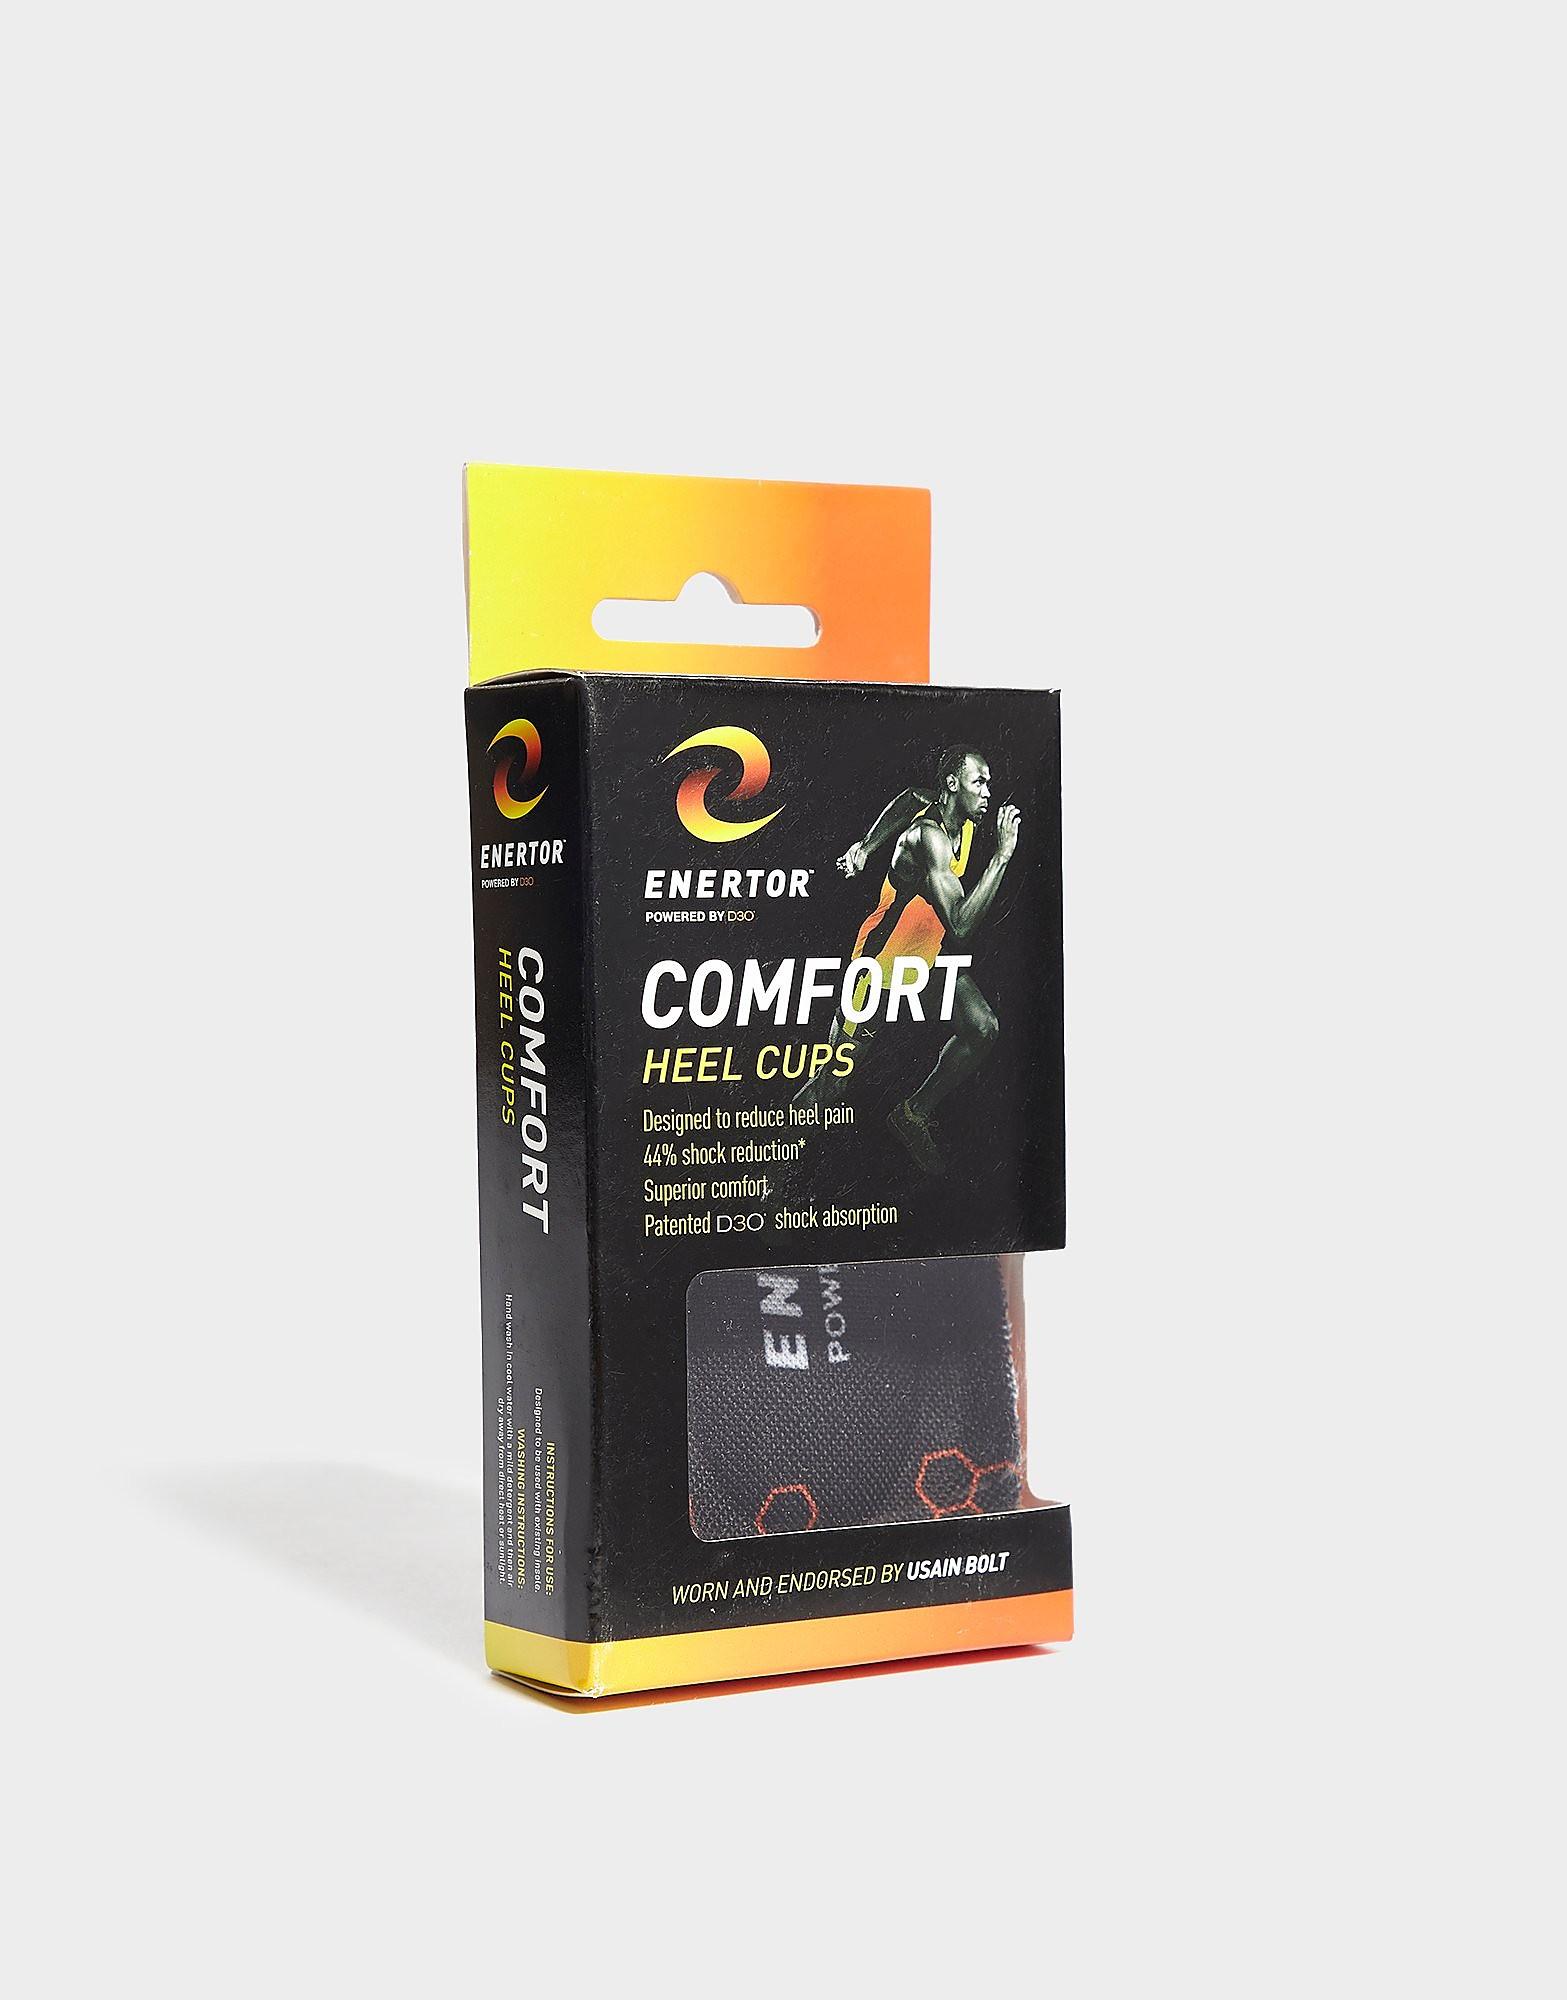 Enertor Comfort Heel Cups